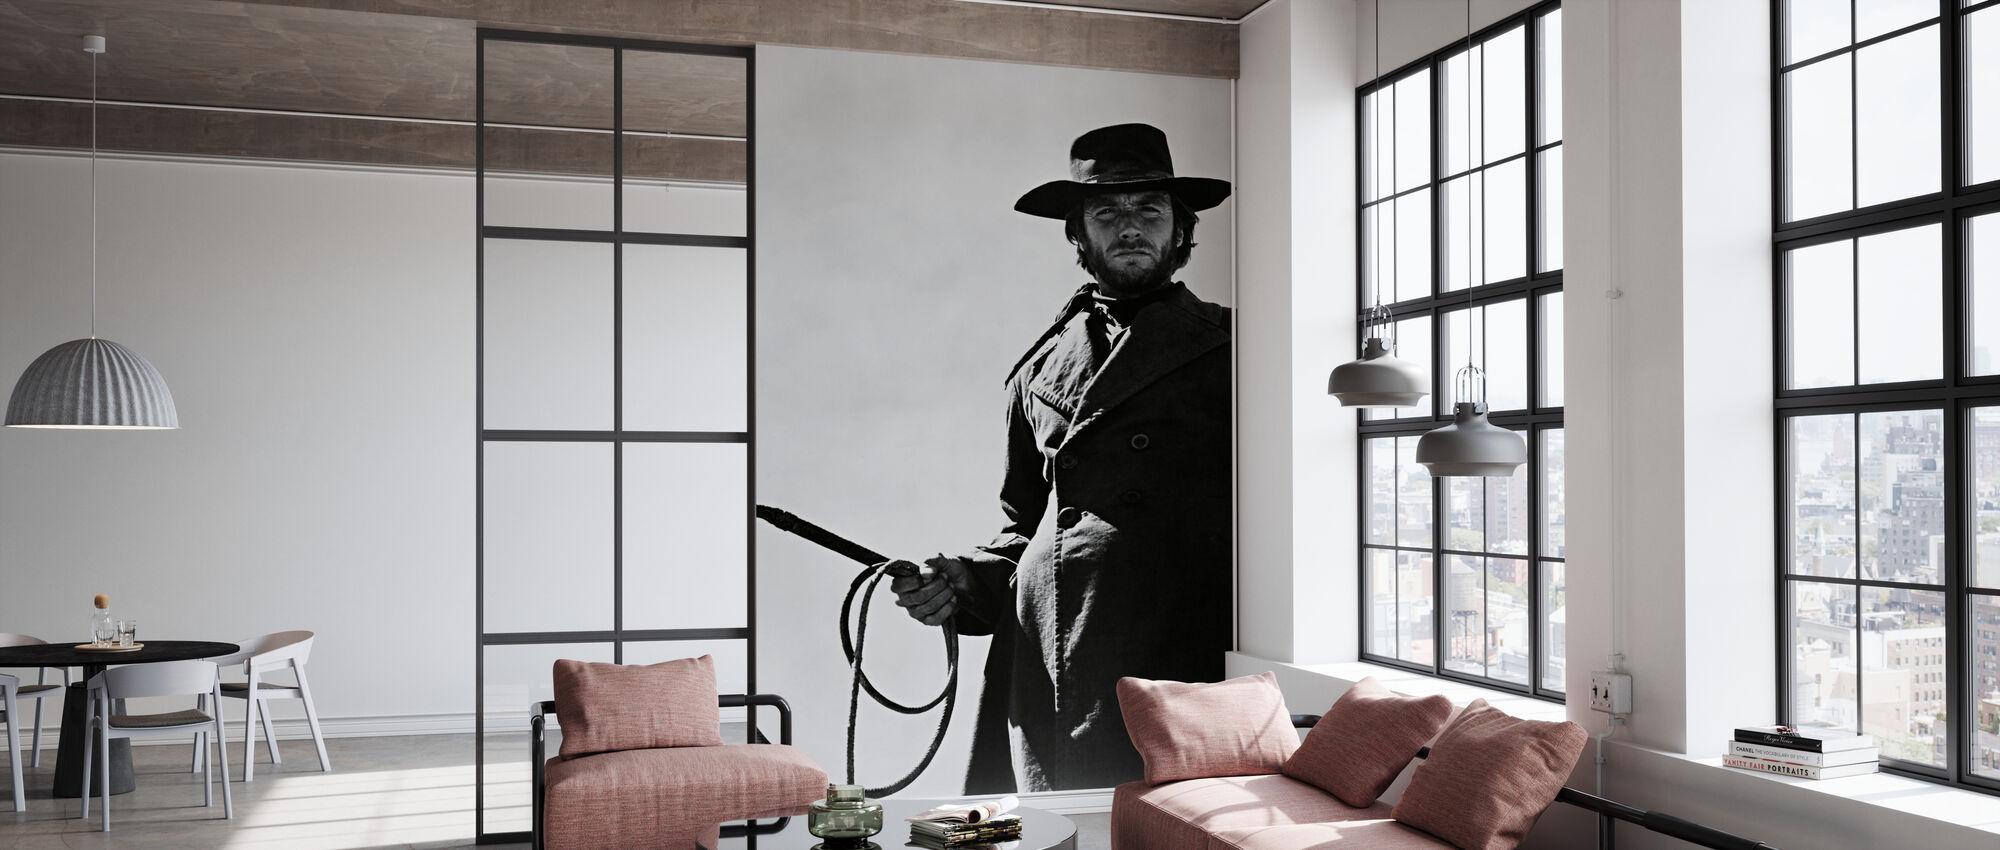 High Plains Drifter - Clint Eastwood - Tapet - Kontor